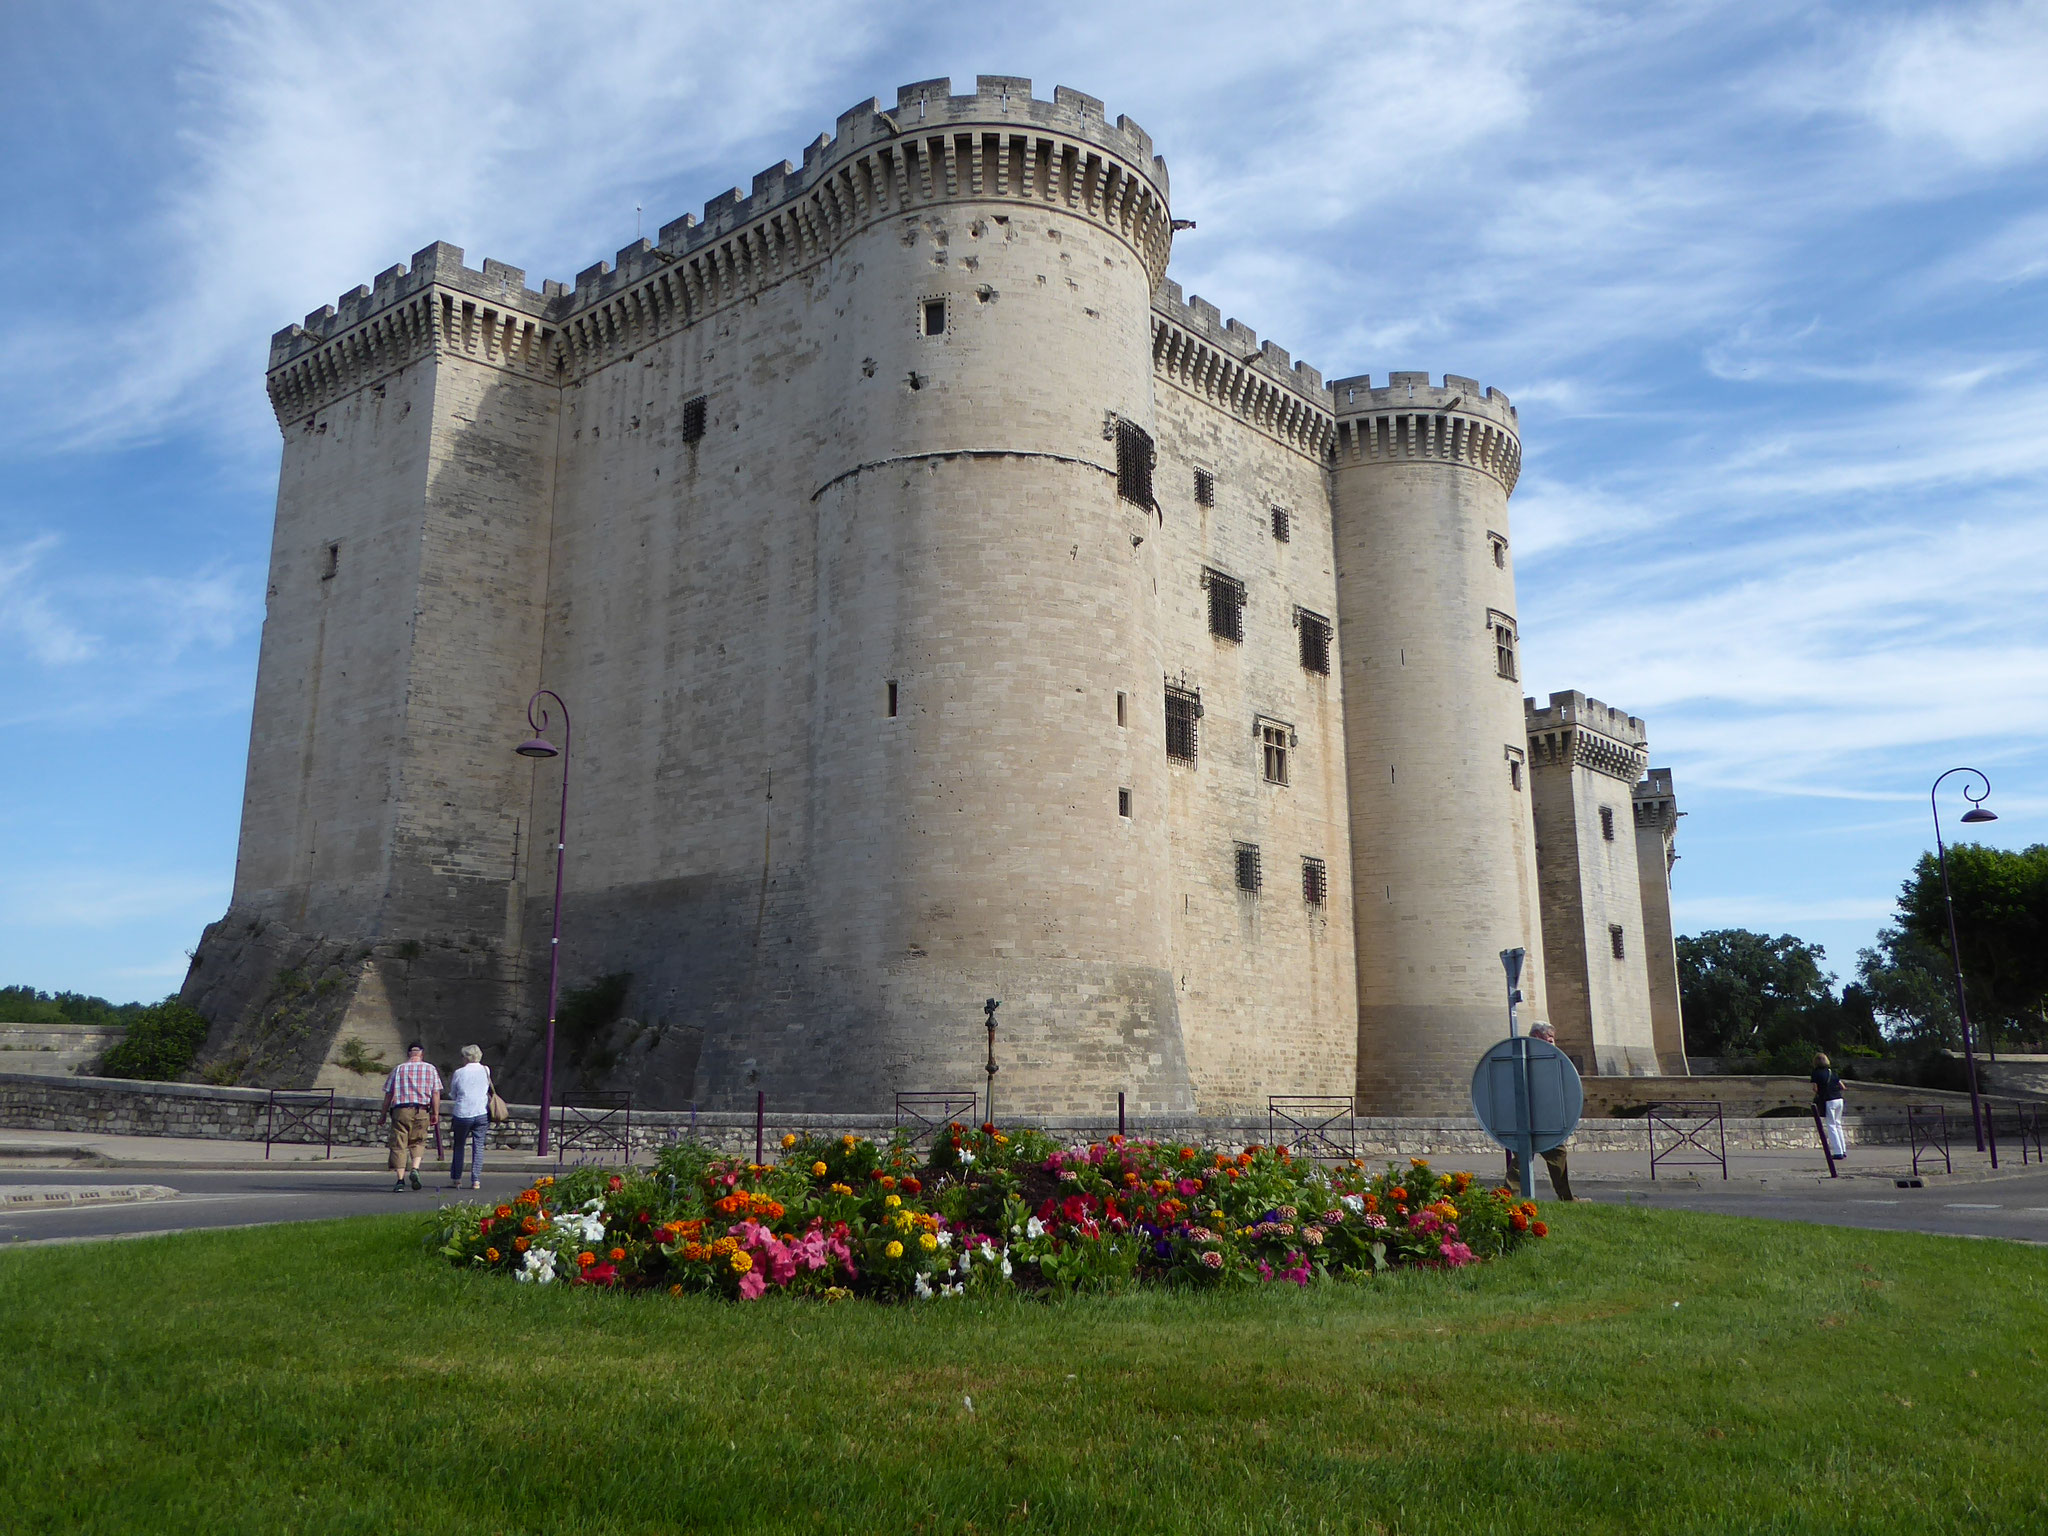 Das Chateau Tarascon aus dem 15. Jh.